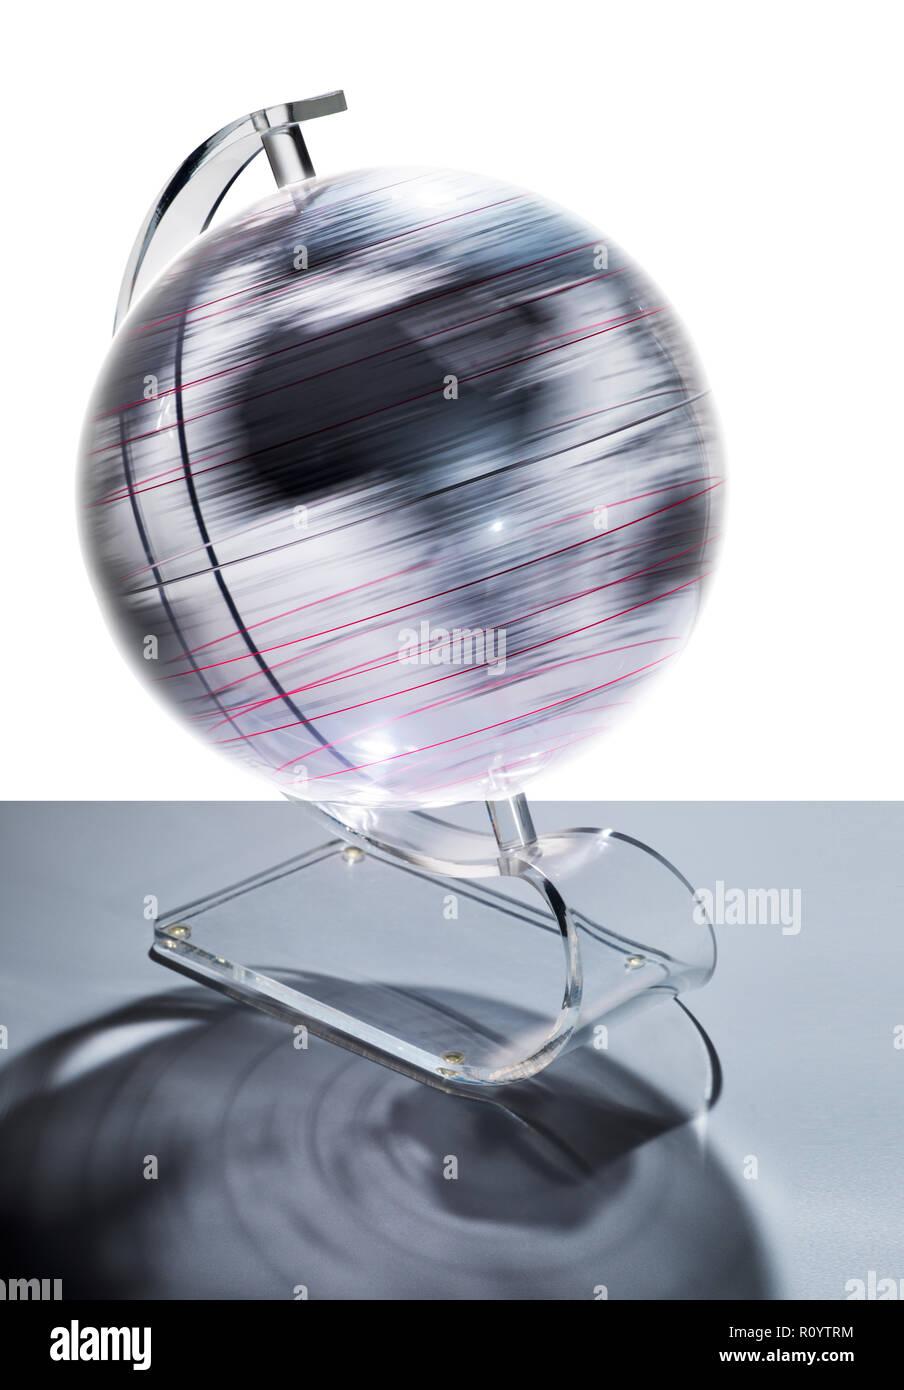 Transparente Kugel mit einer Geschwindigkeit drehen, Studio shot Stockbild